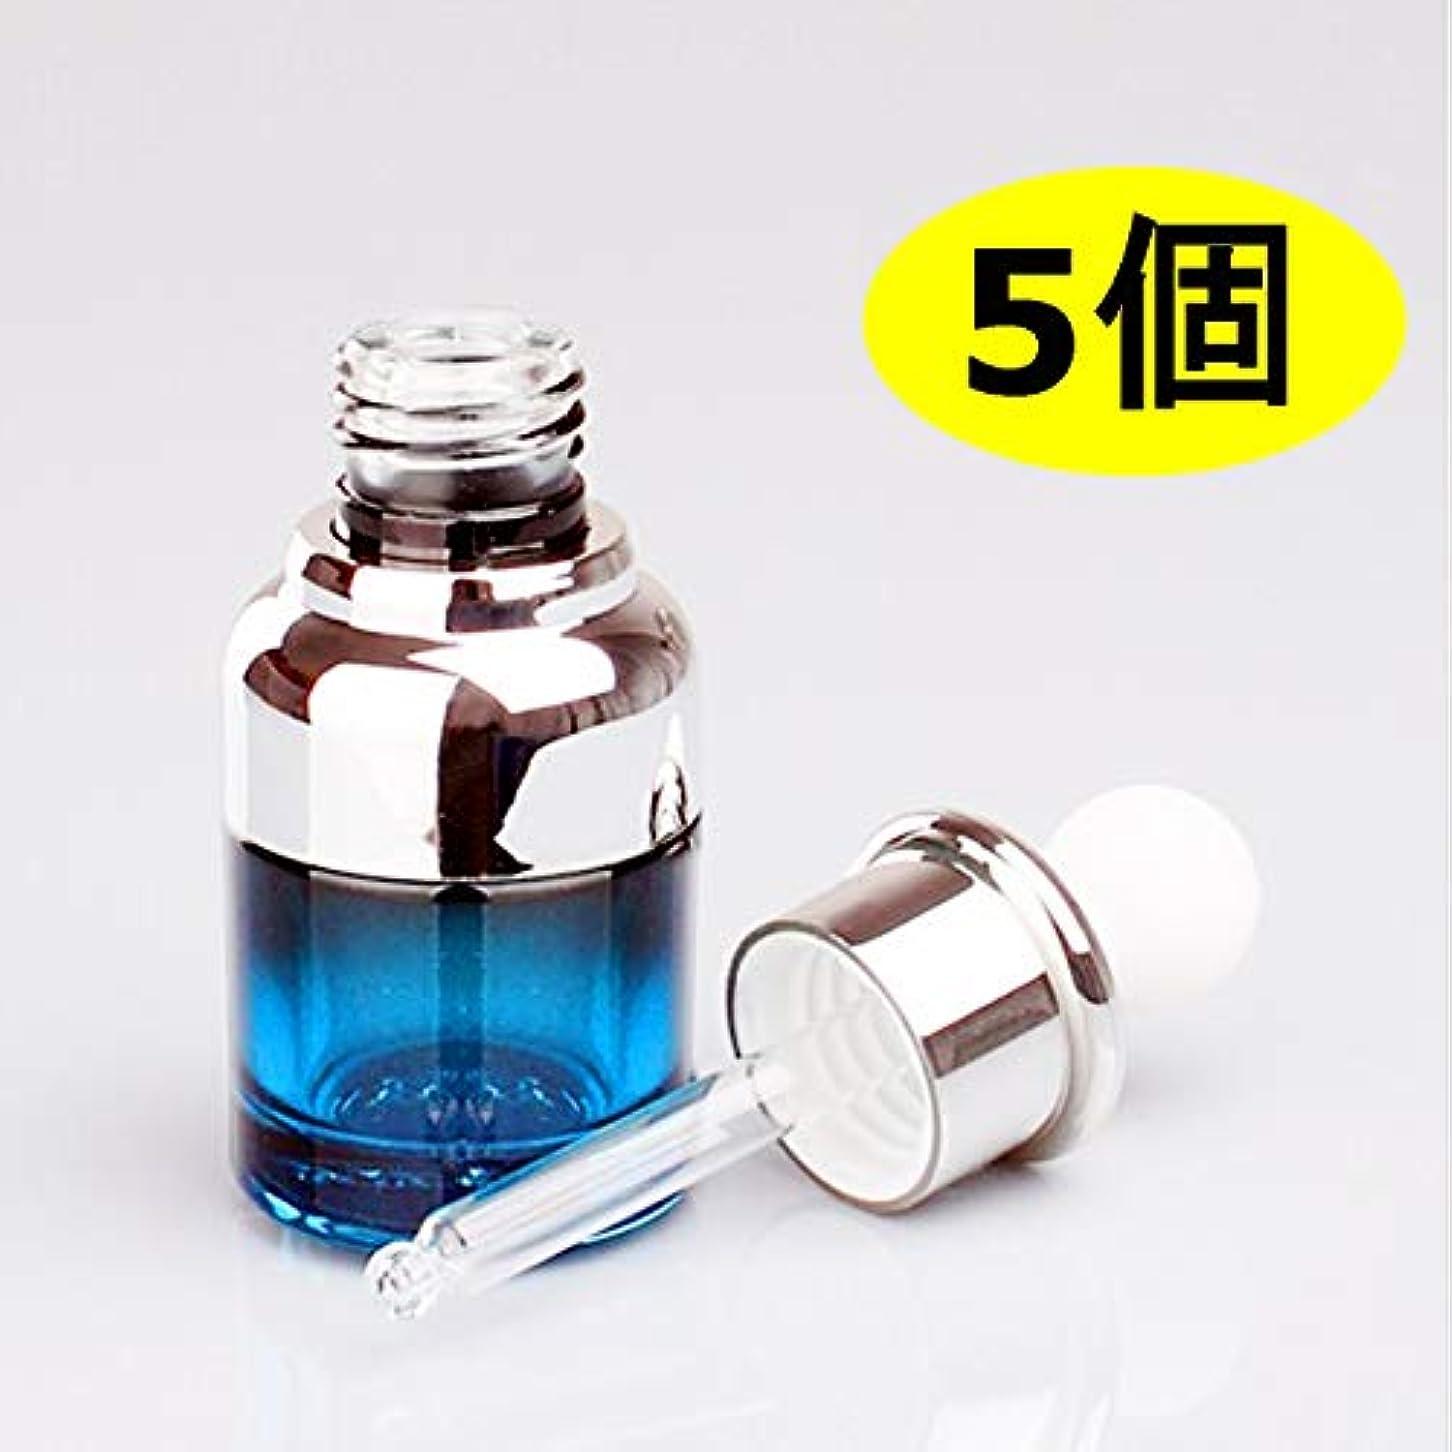 起きろ三角タンカー[SP] スポイト瓶 遮光瓶 遮光ボトル ガラス 製 エッセンシャル オイル アロマ 精油 化粧品 青 ブルー 20ml 5本 セット